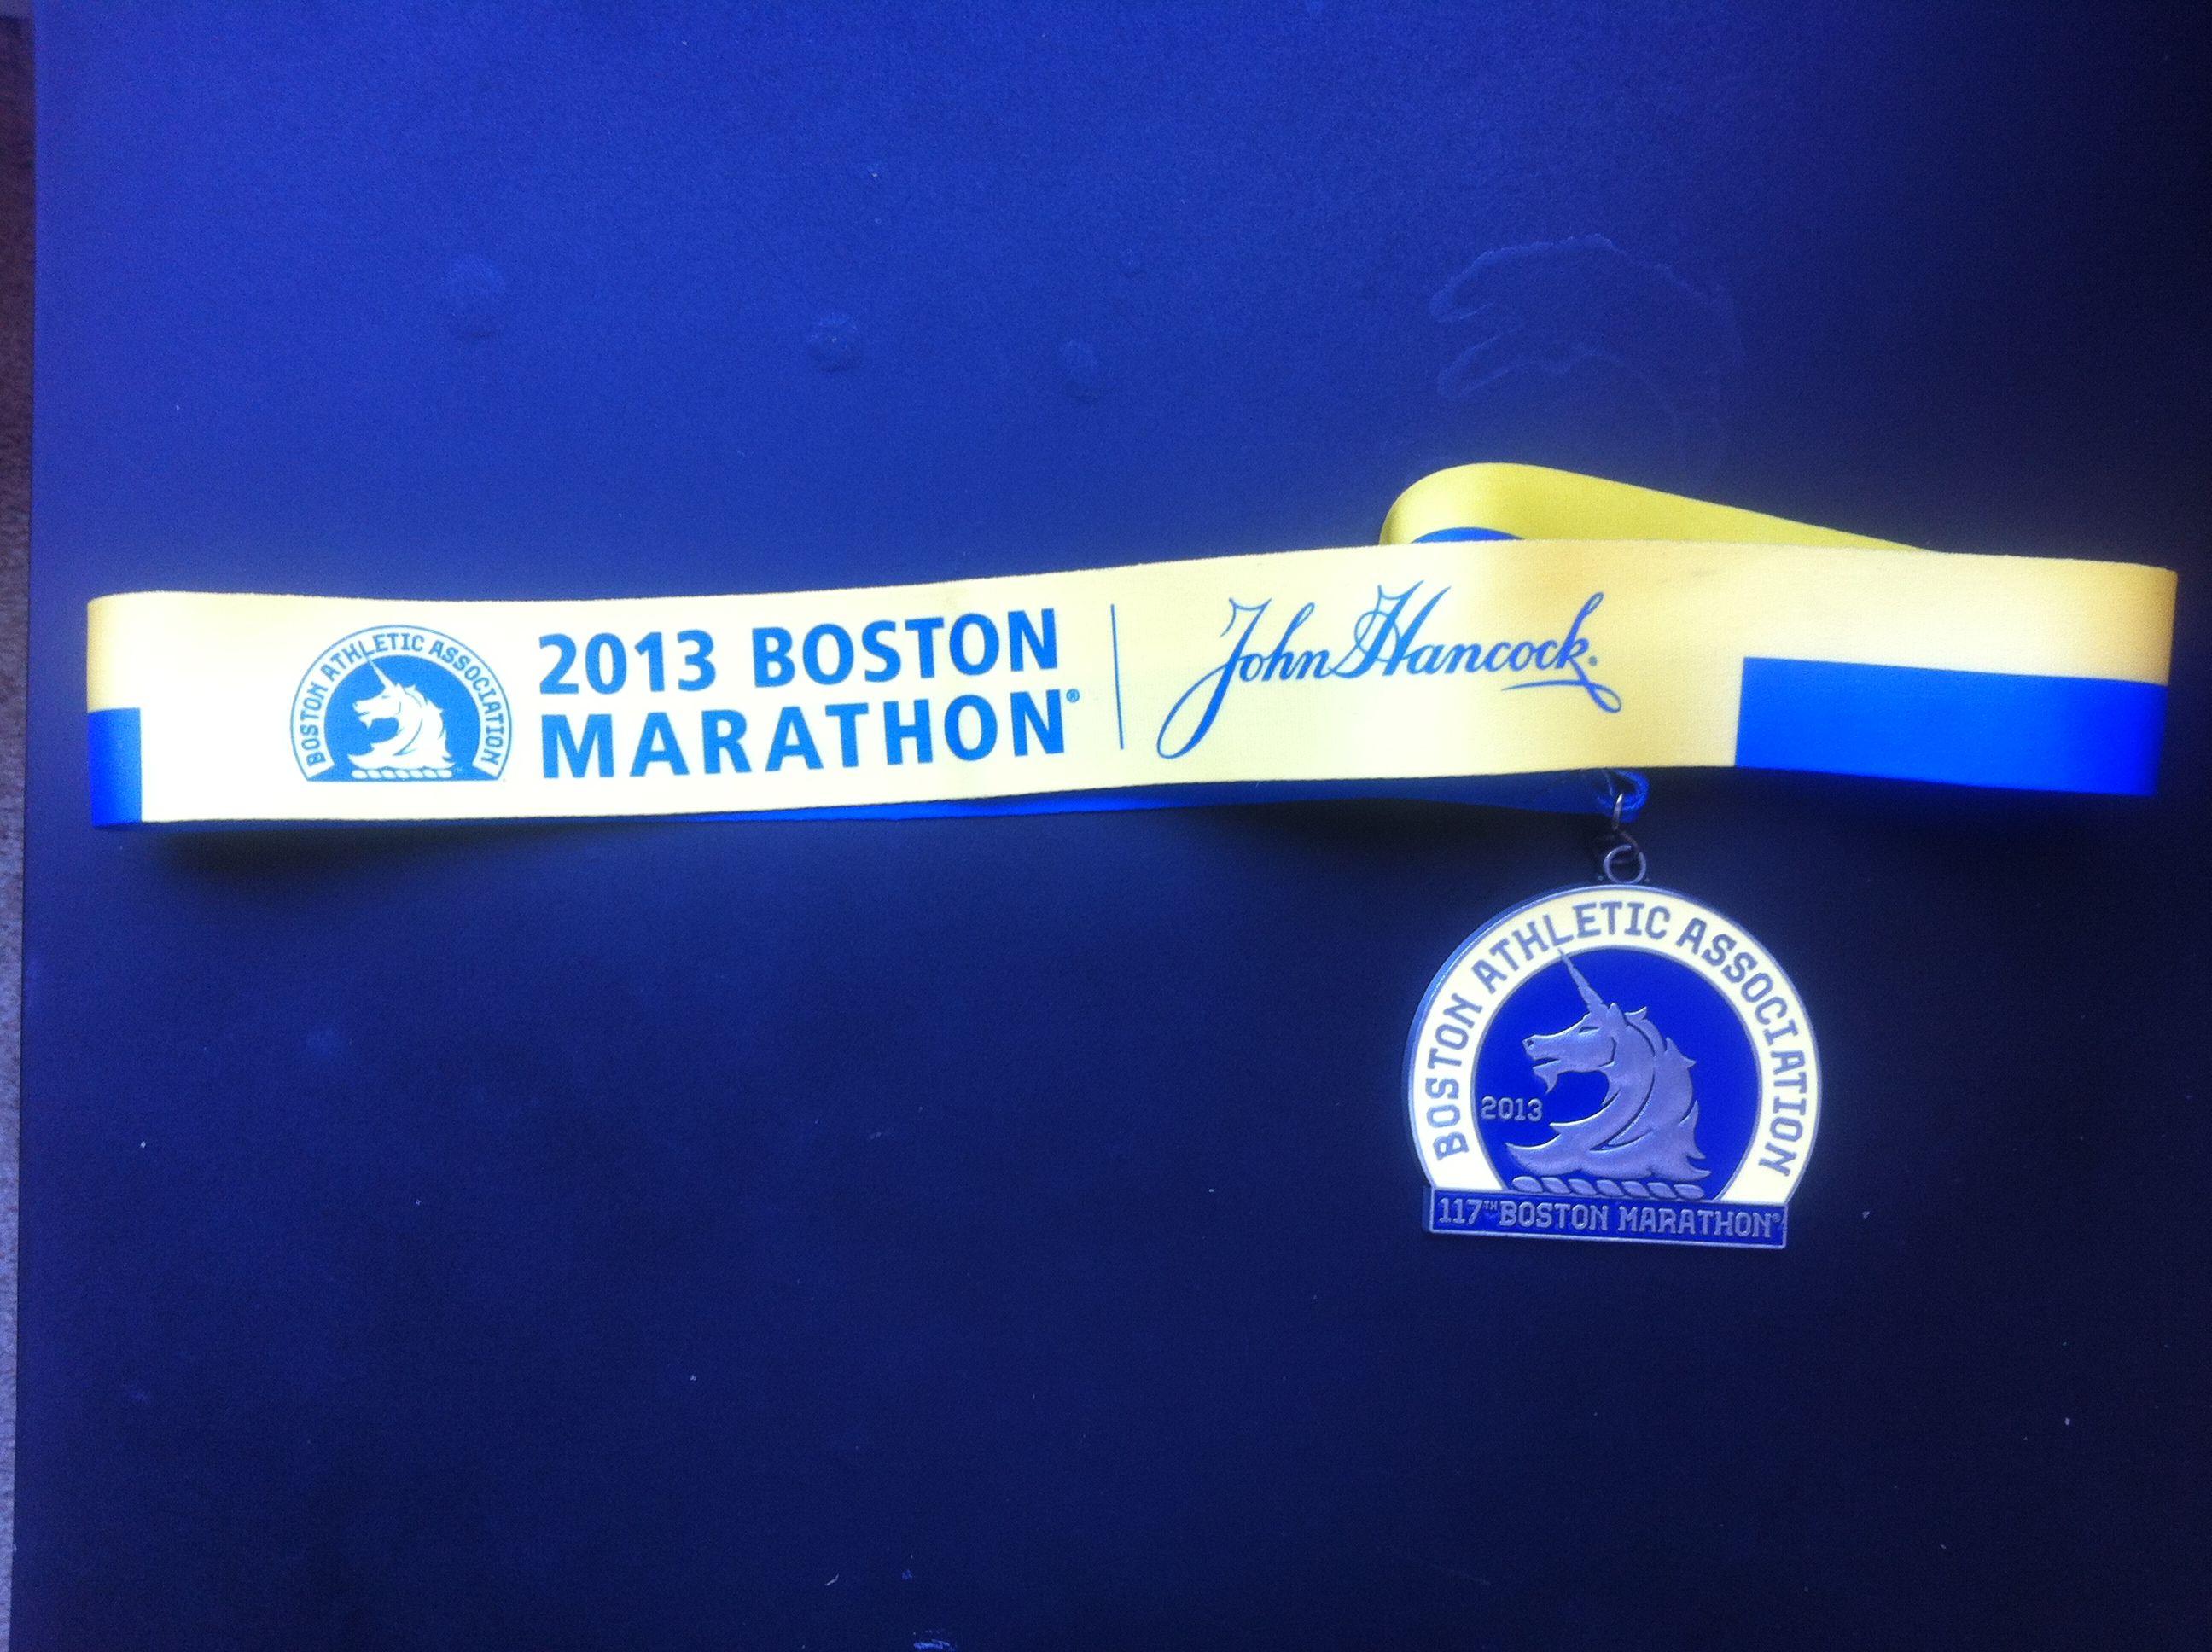 I was there one for boston boston marathon john